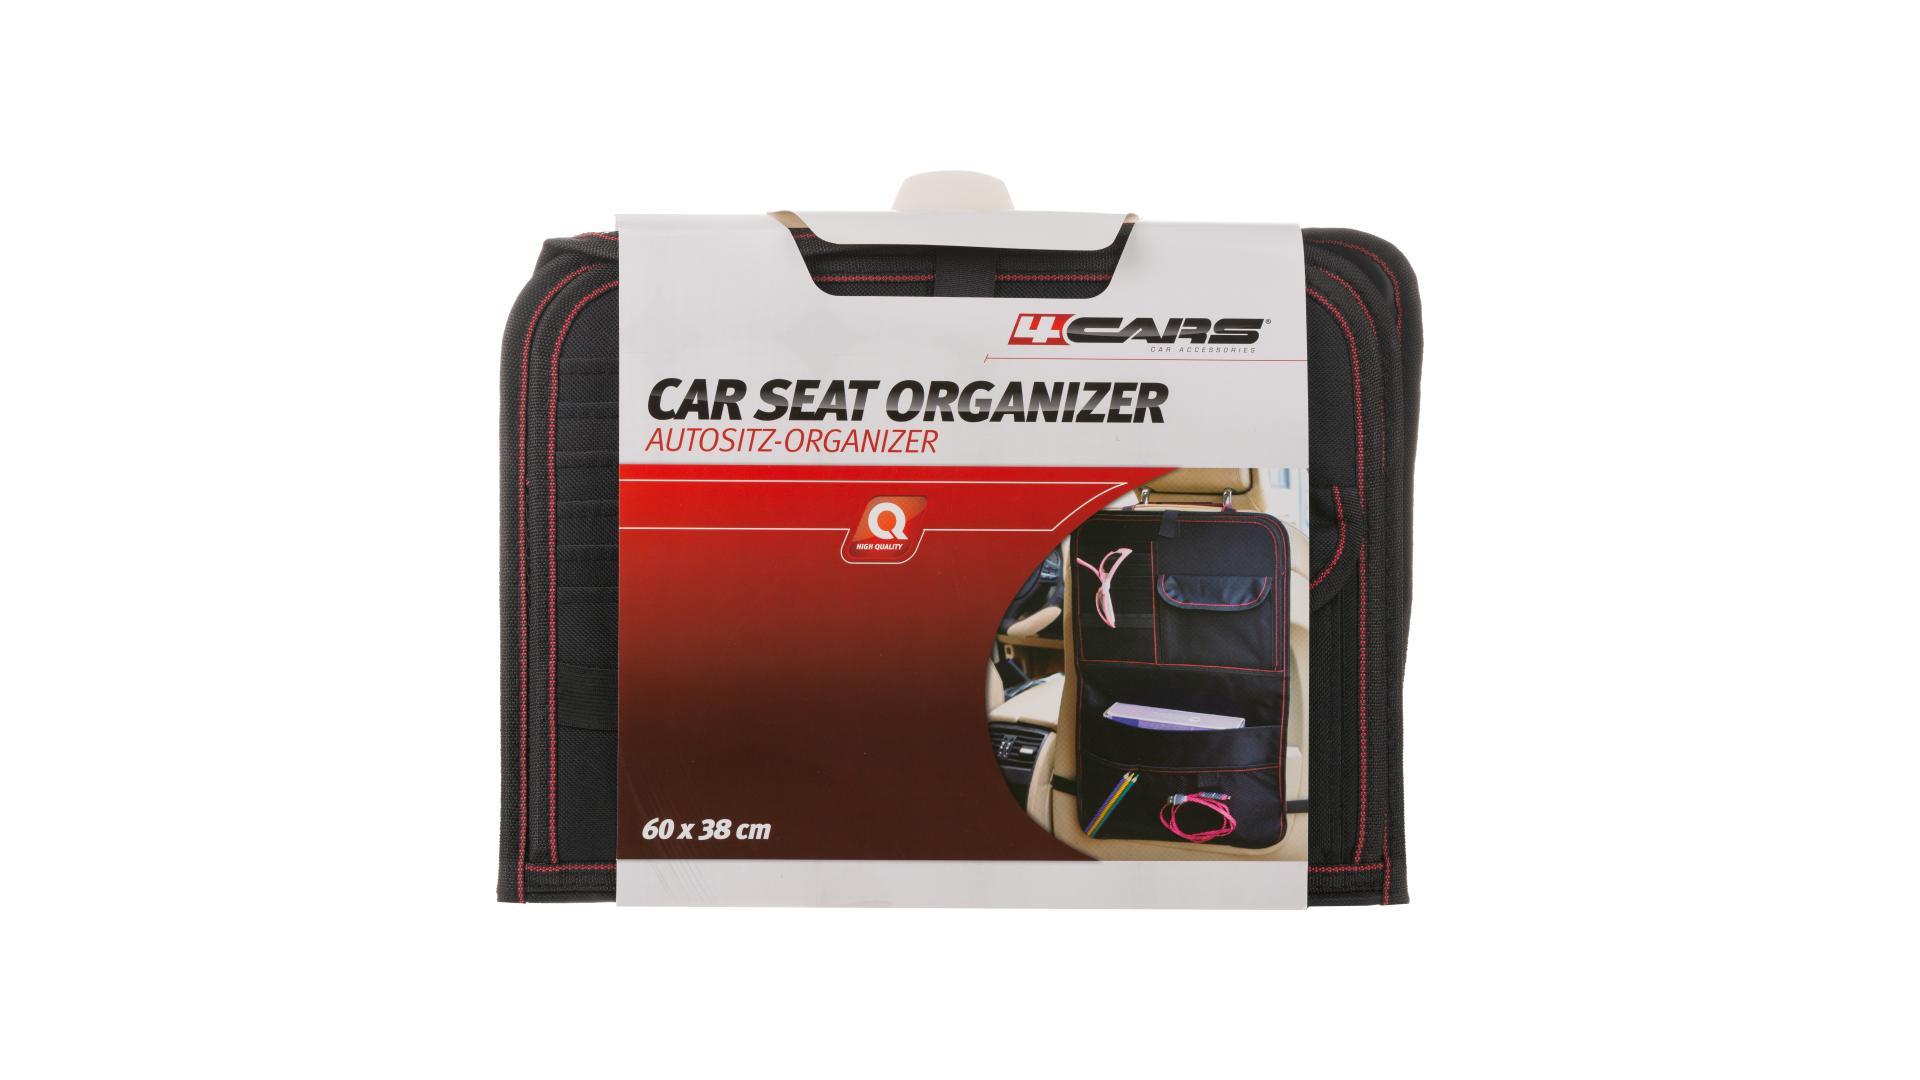 4CARS Závesný organizér zadného sedadla s vyklapacím stolíkom 60x38 cm